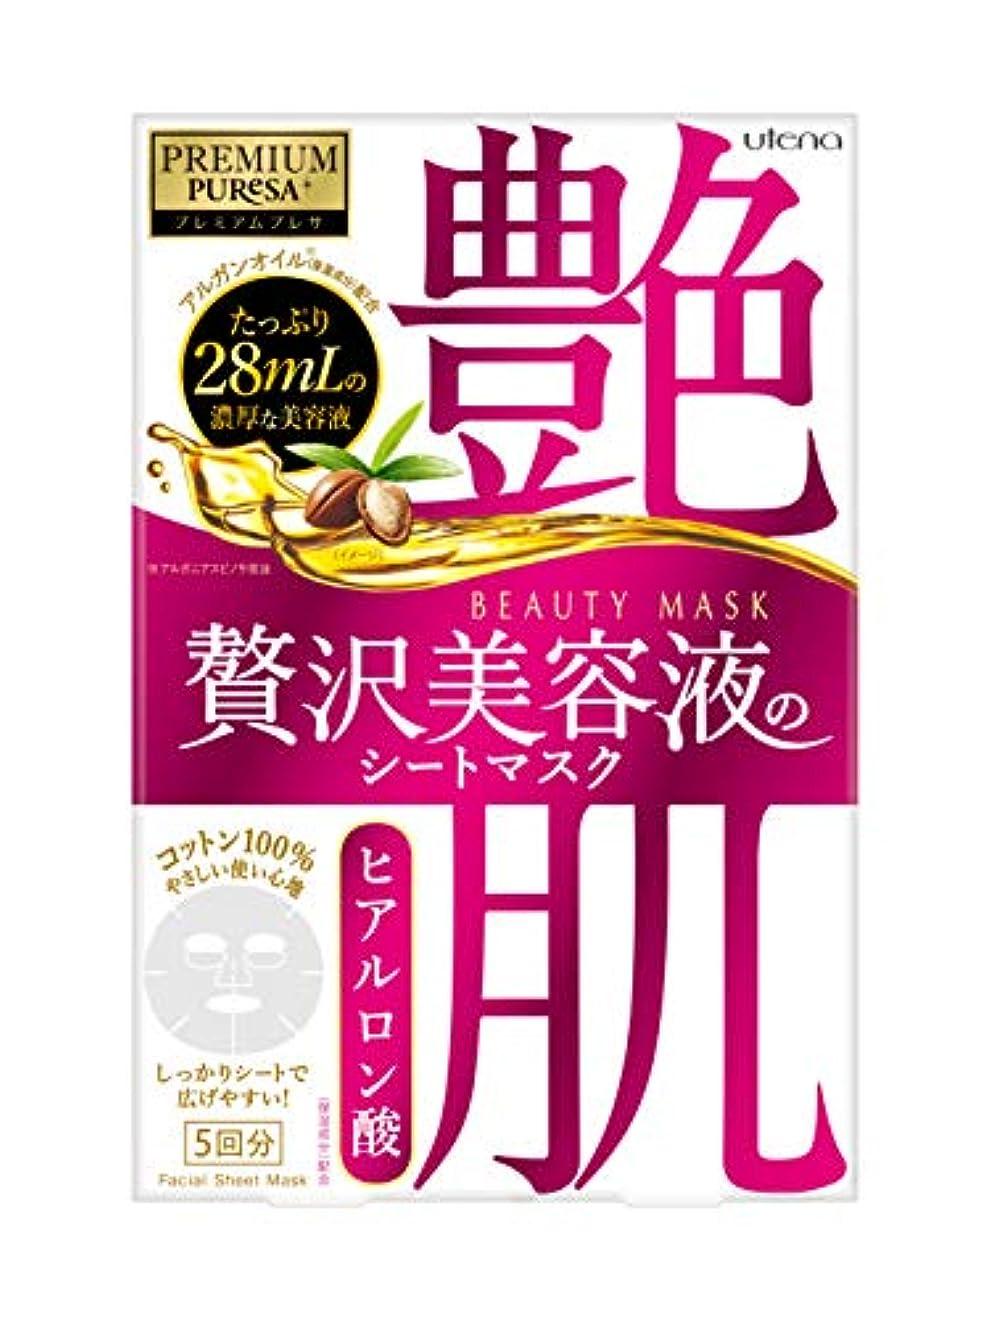 熱意近々のみ【Amazon.co.jp限定】大容量 プレミアムプレサ ビューティーマスク ヒアルロン酸(5回分)